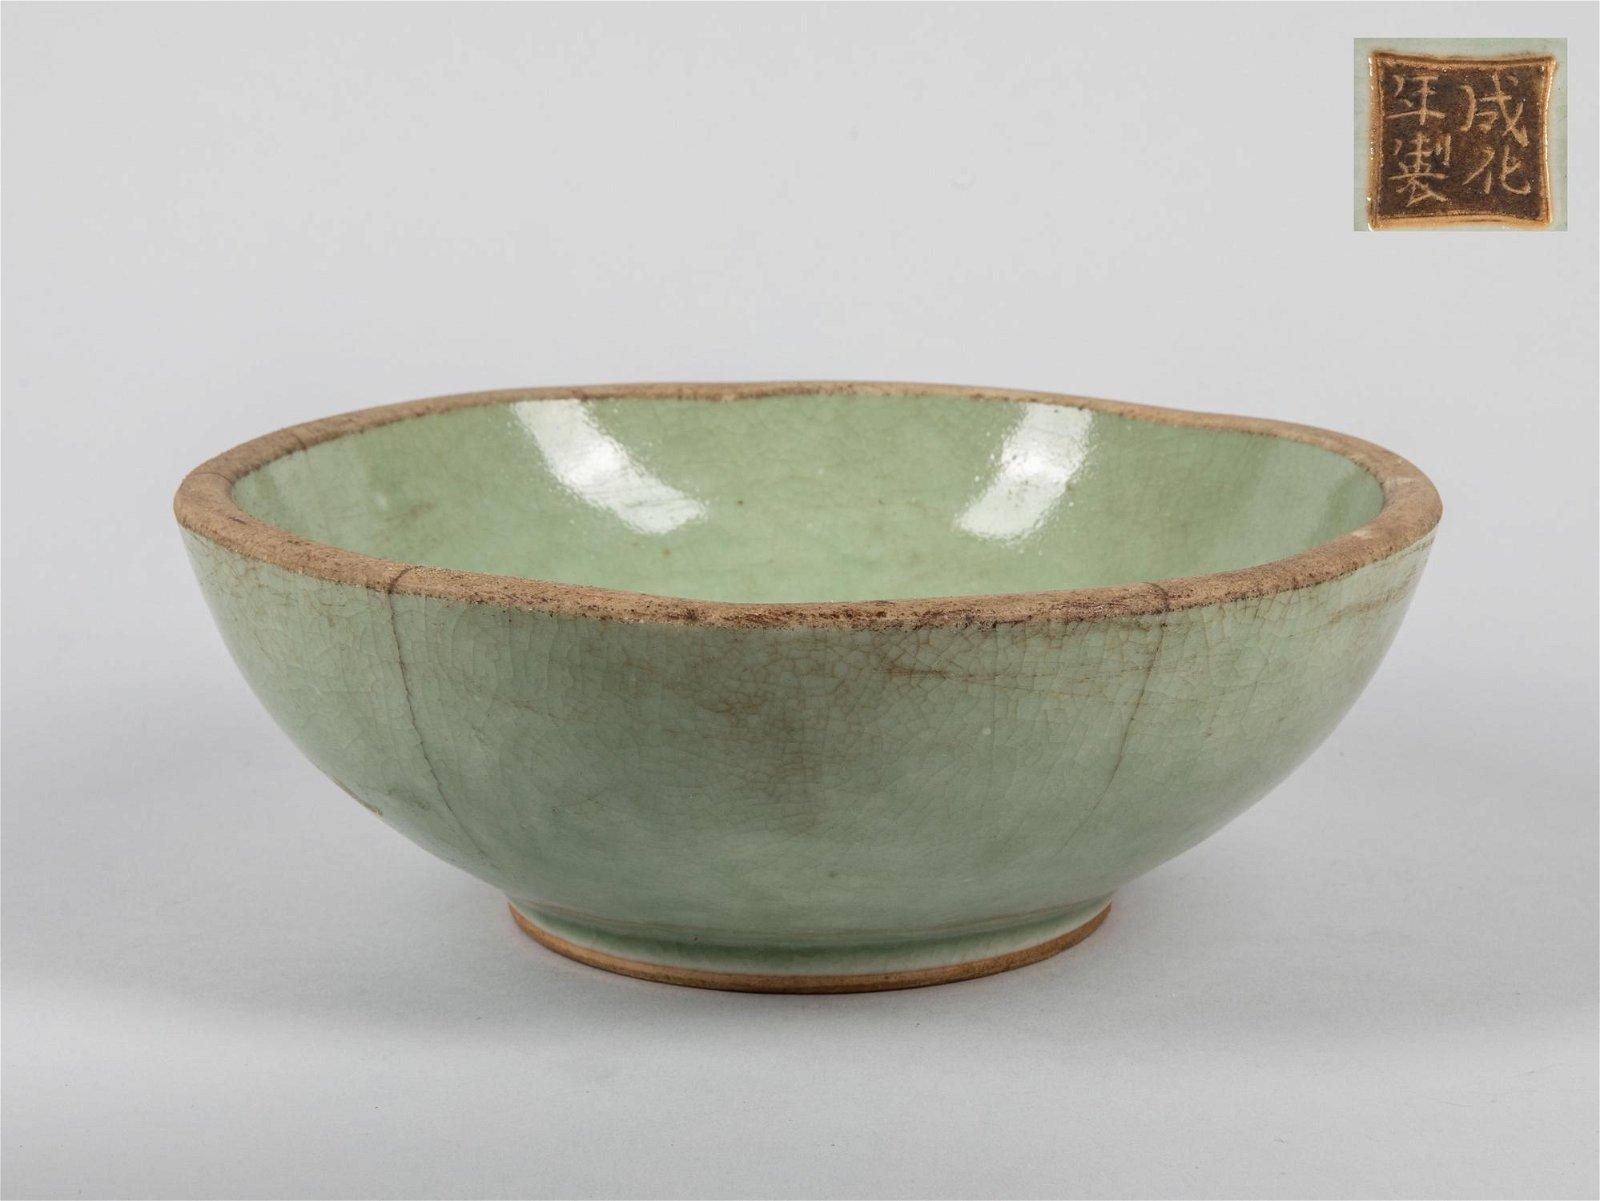 Chinese Large Celadon Glazed Porcelain Washer